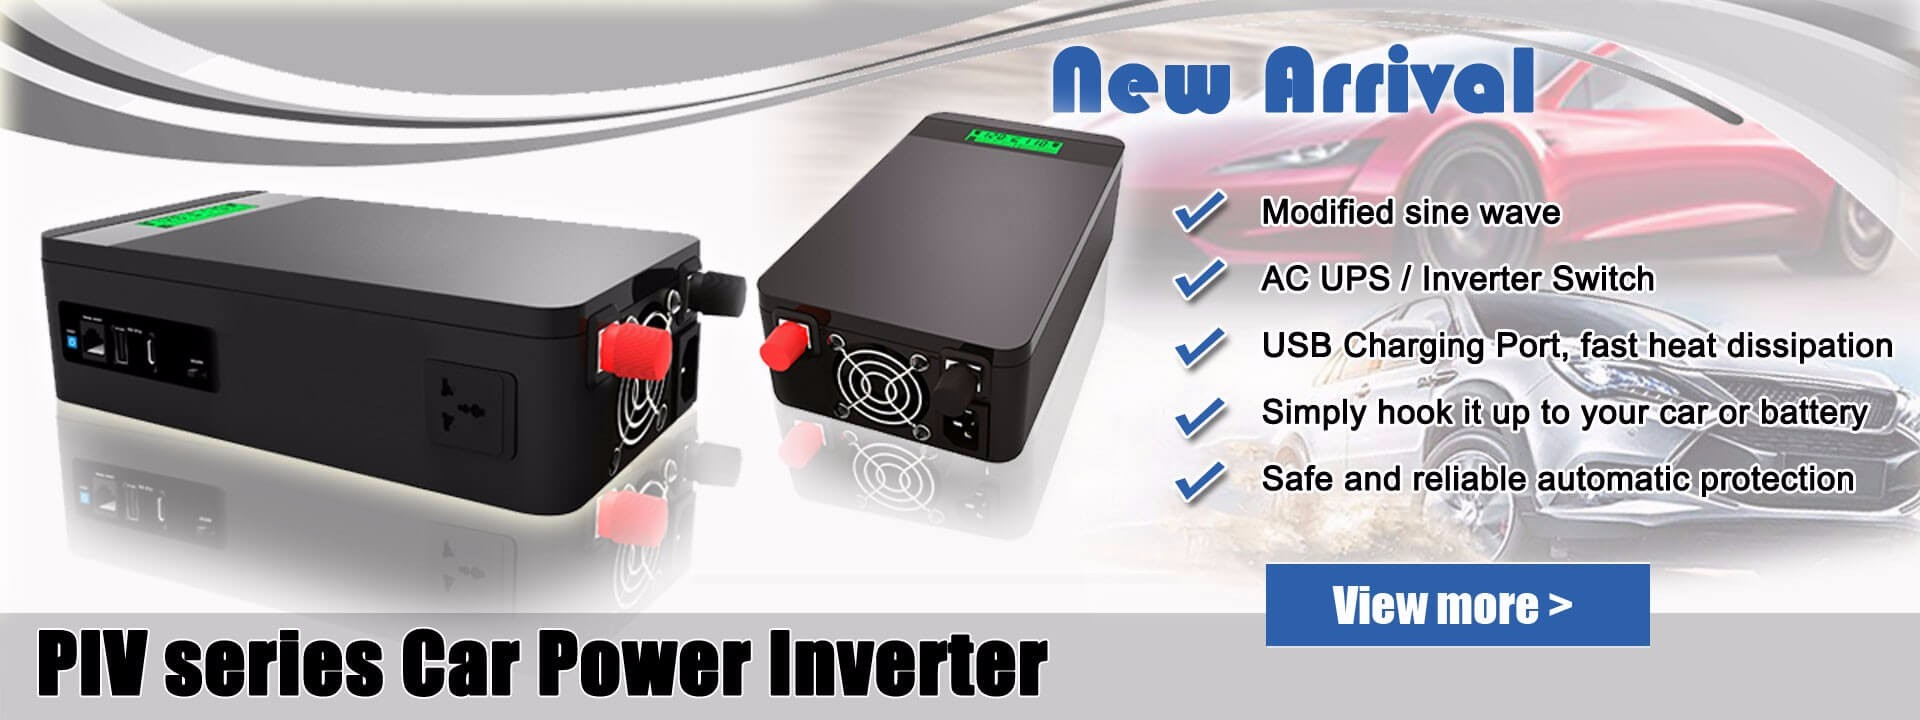 Инвертор мощности для автомобильной вилки для домашнего использования, 1200 Вт